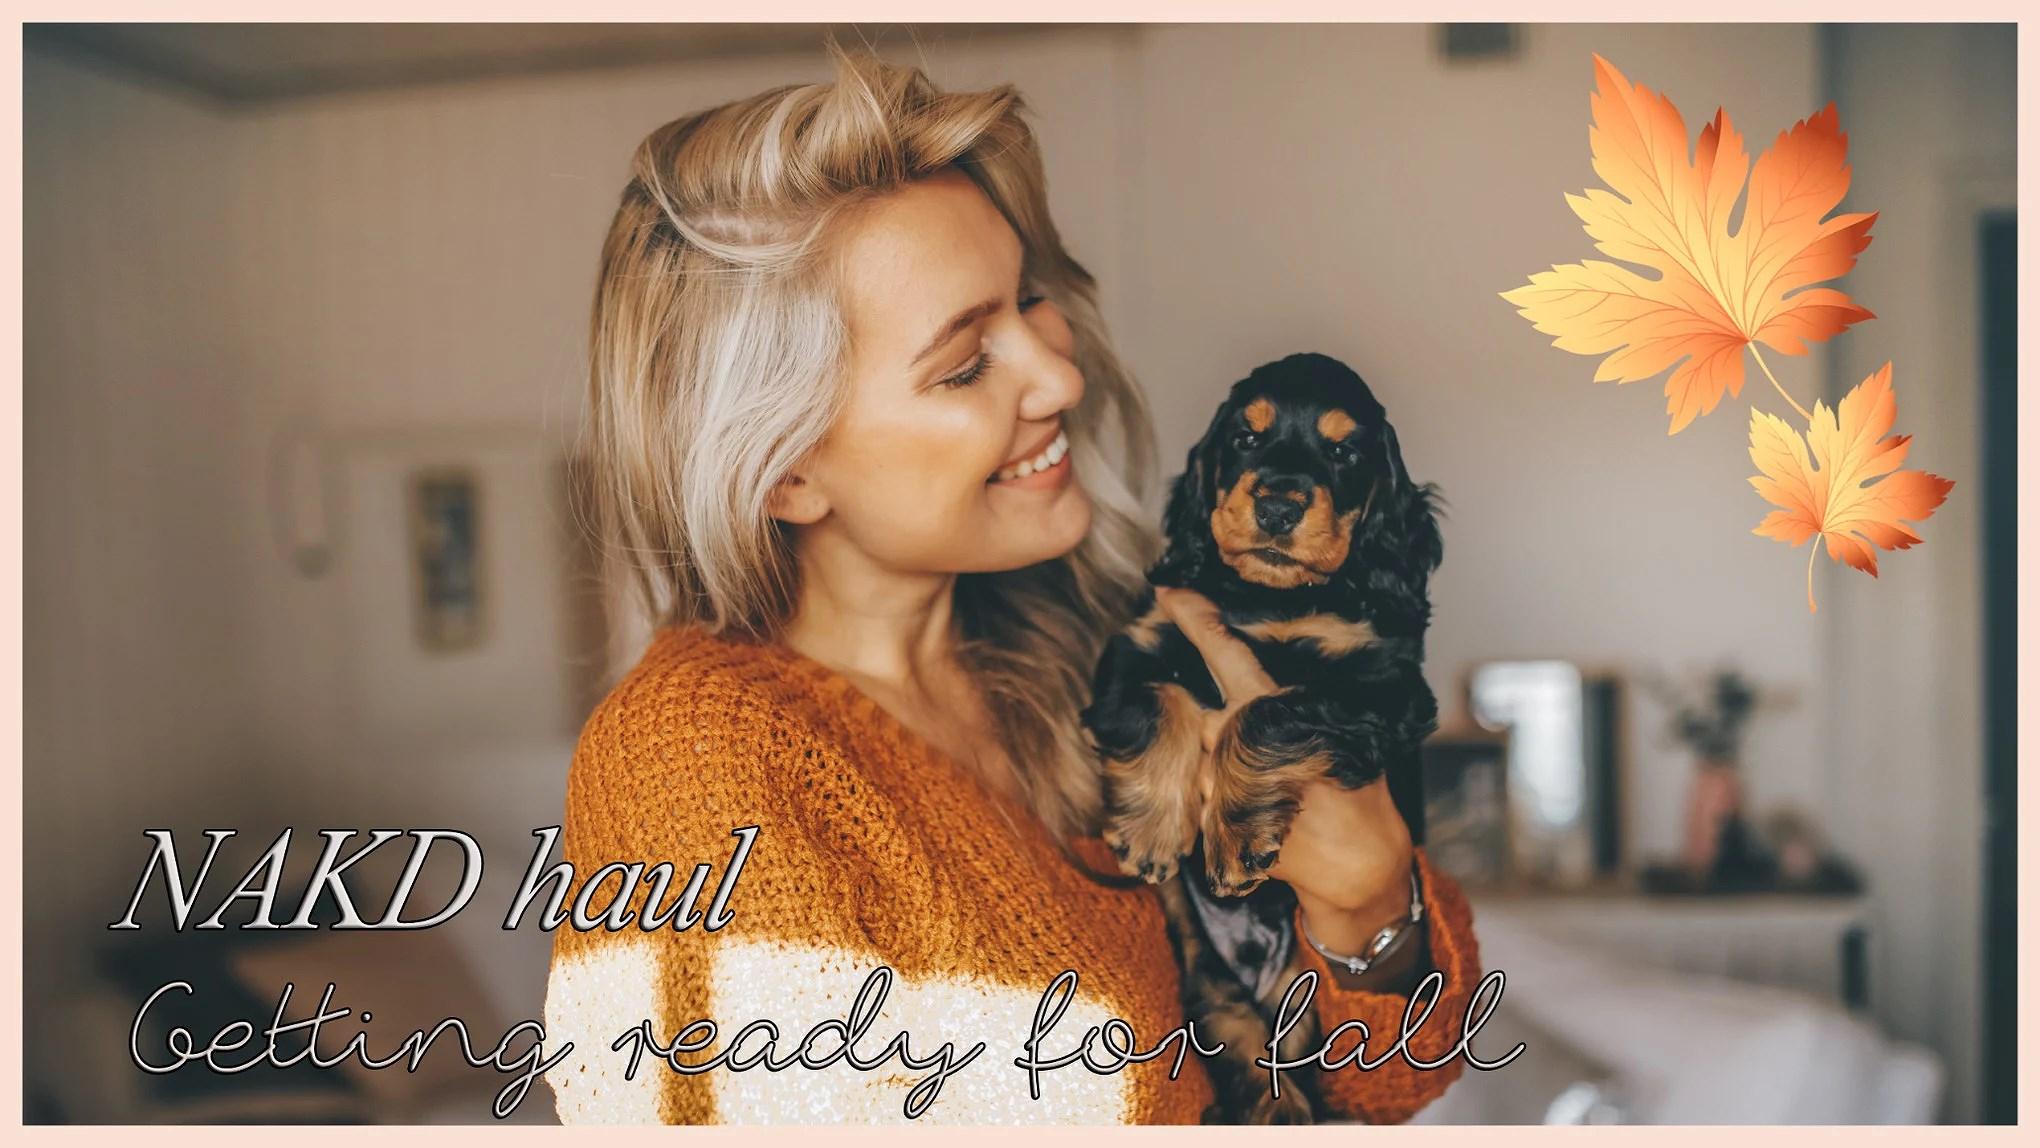 New Video - Q&A / Haul